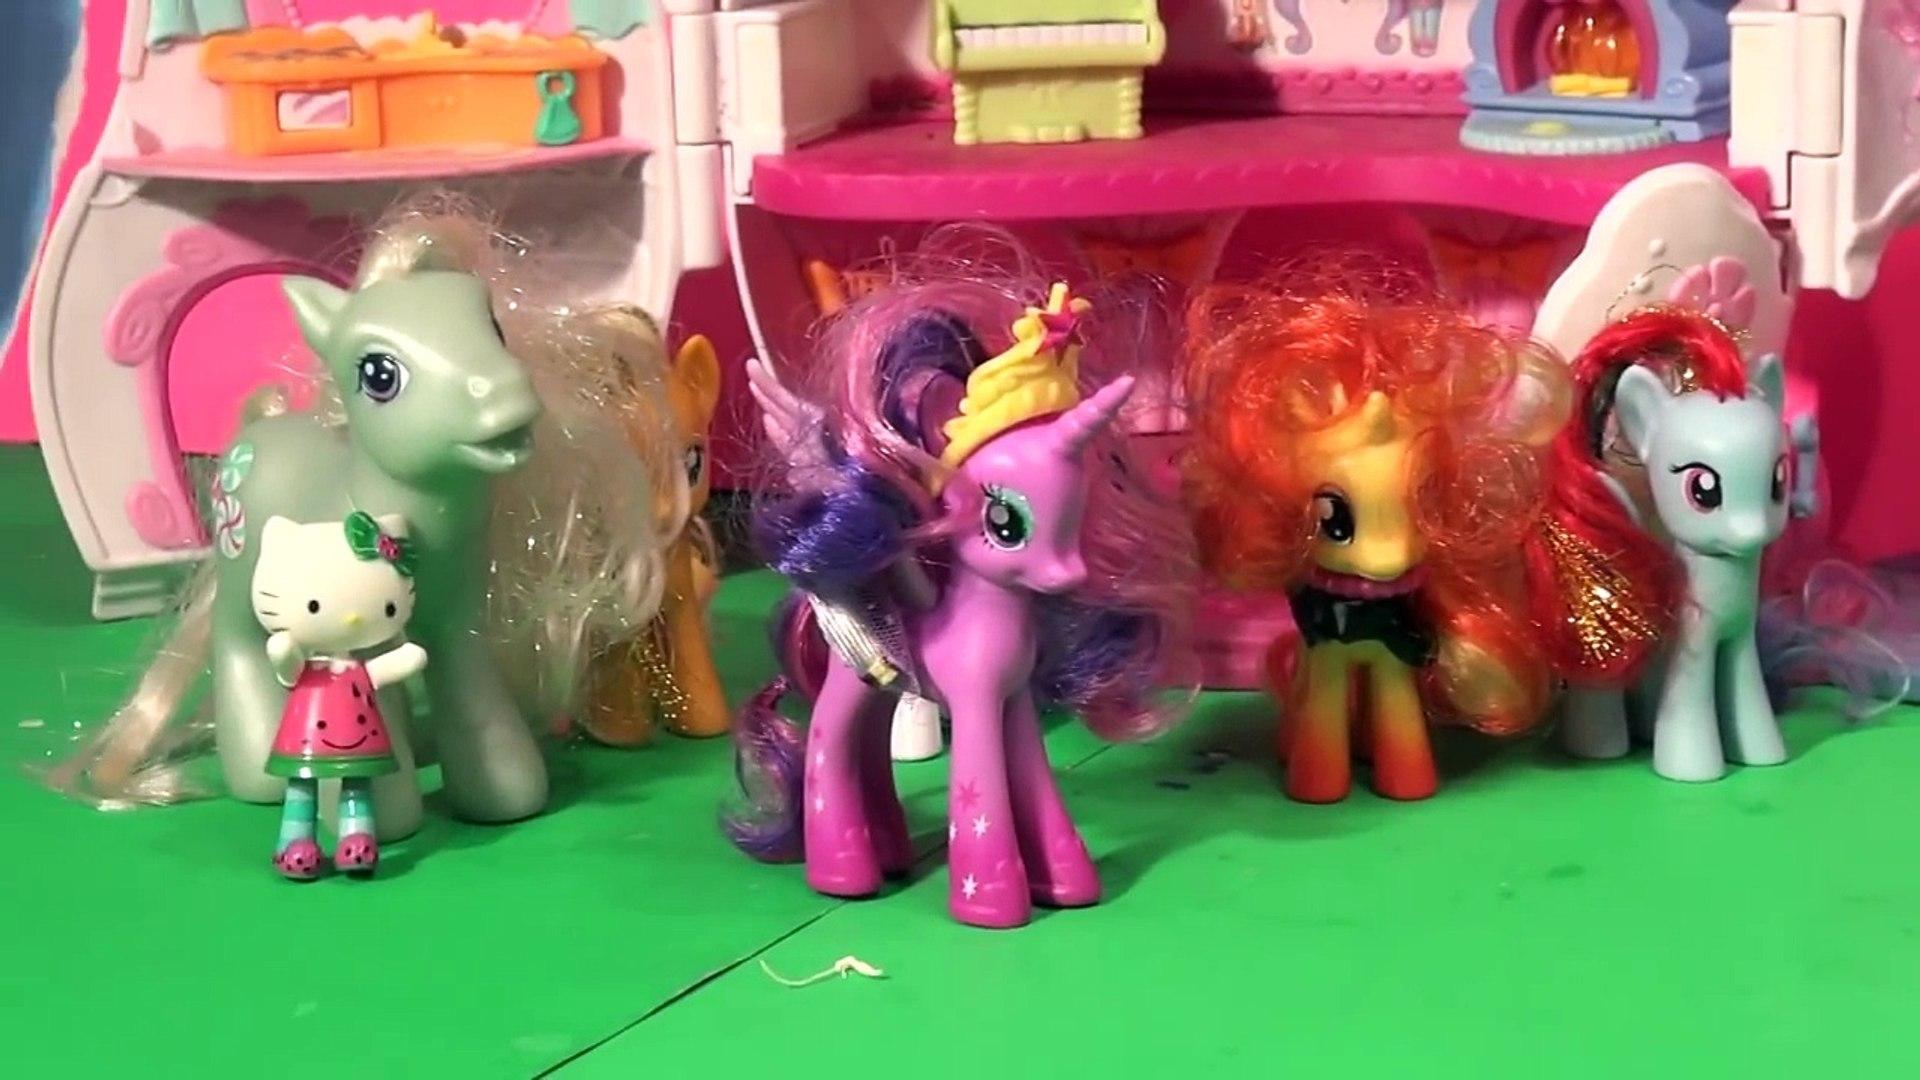 Little Pet Shop Magic Motion Toy and 5 Surprise Eggs